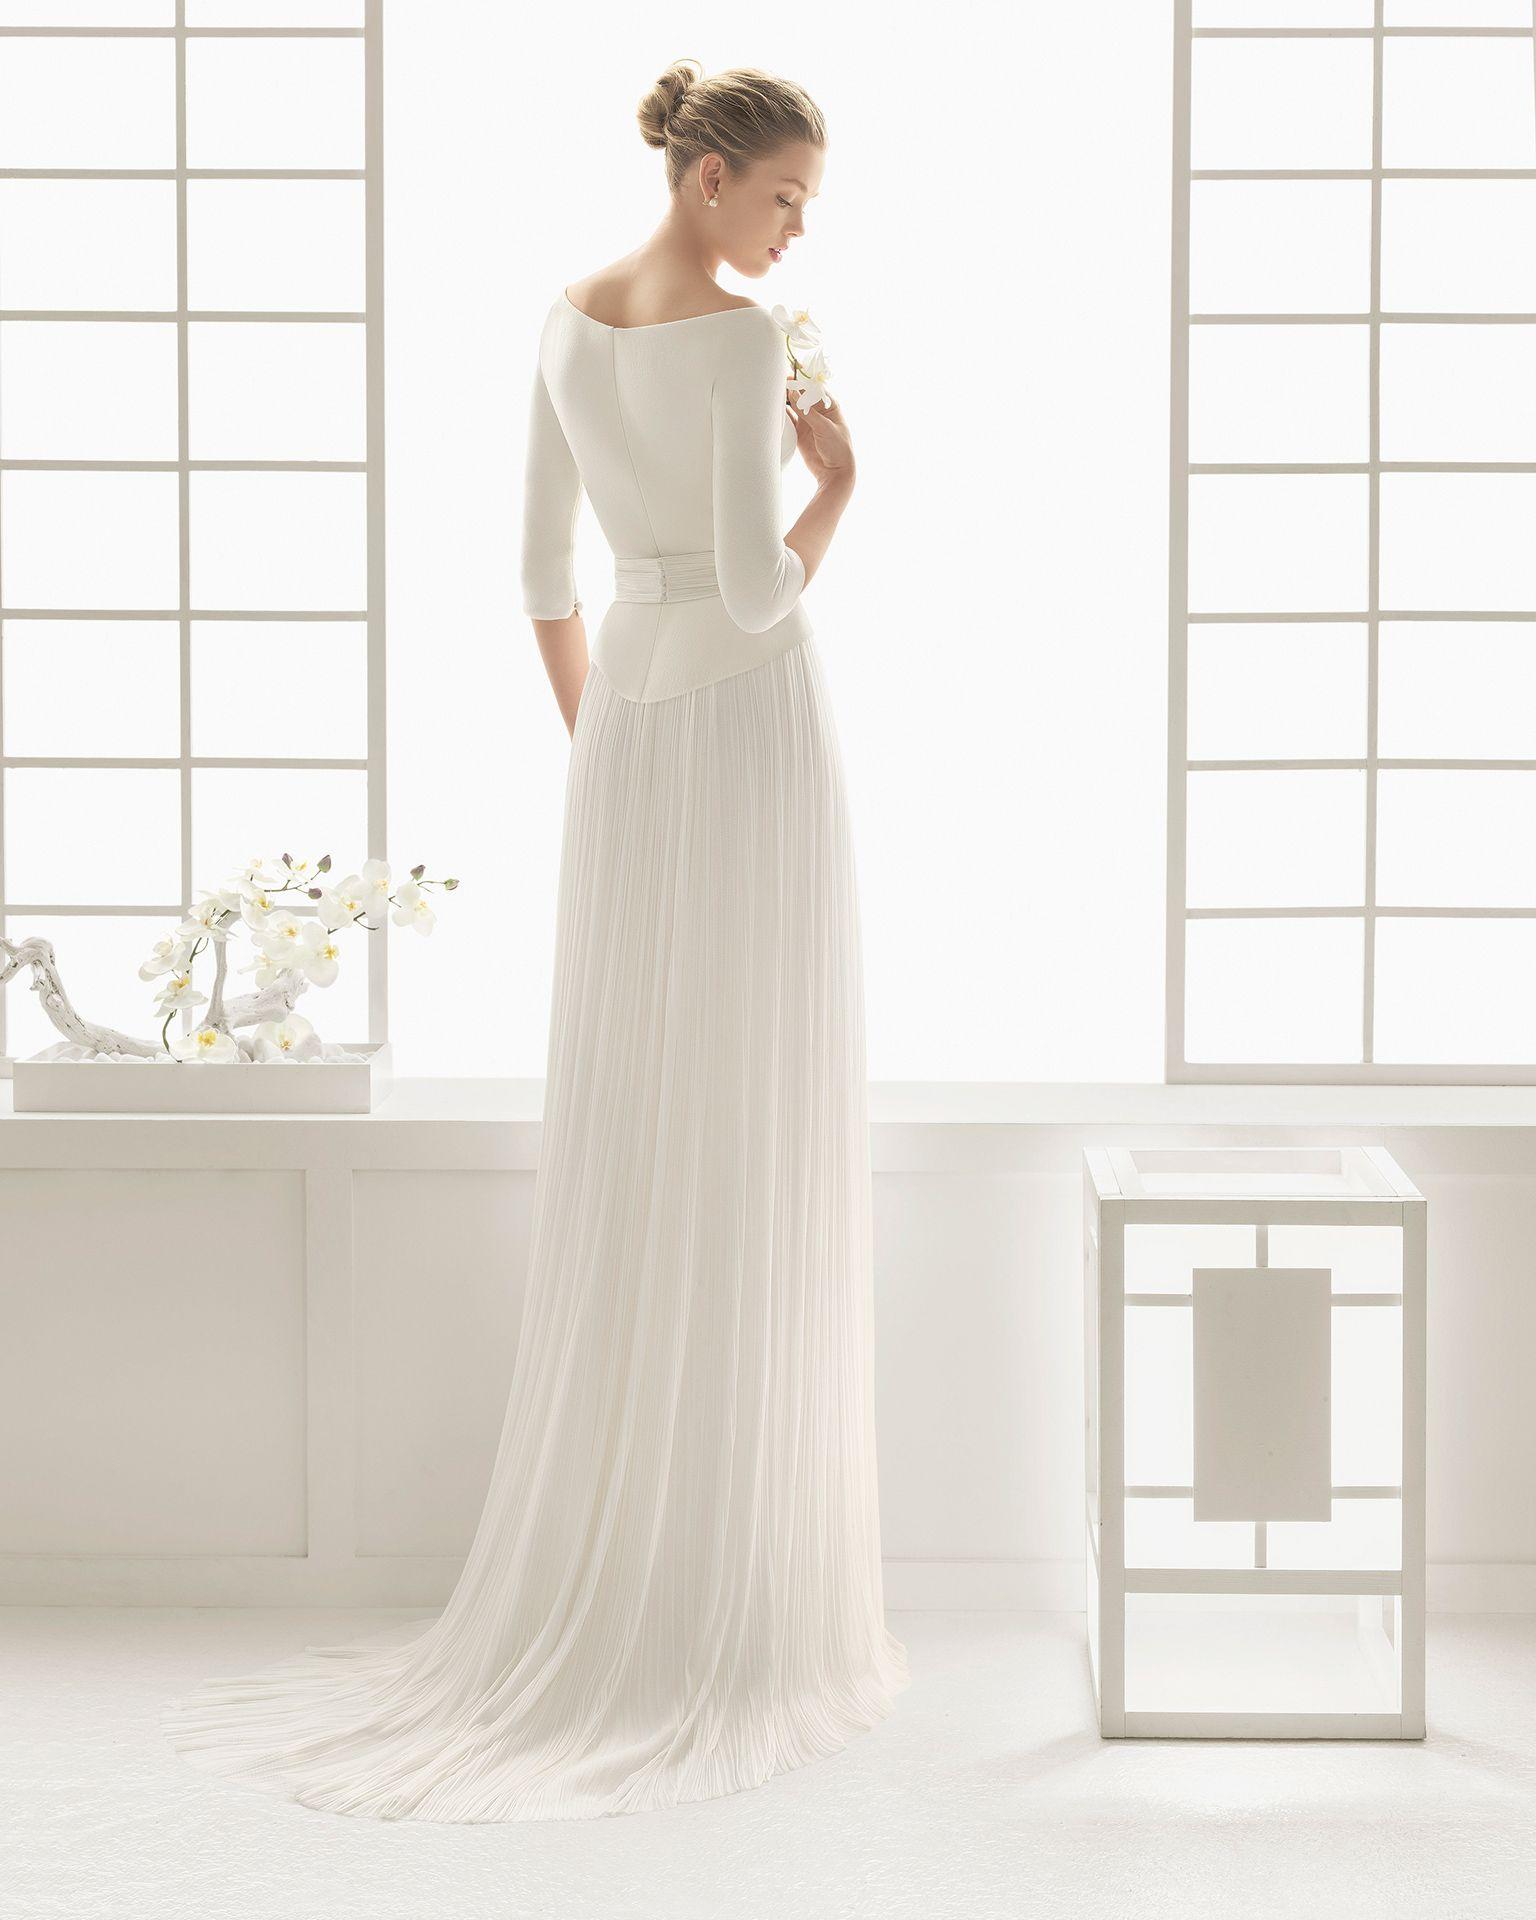 Hochzeitskleid mit Corsage aus Wirkware und Rock aus Seidenmusselin. Rosa Clará Kollektion 2016.